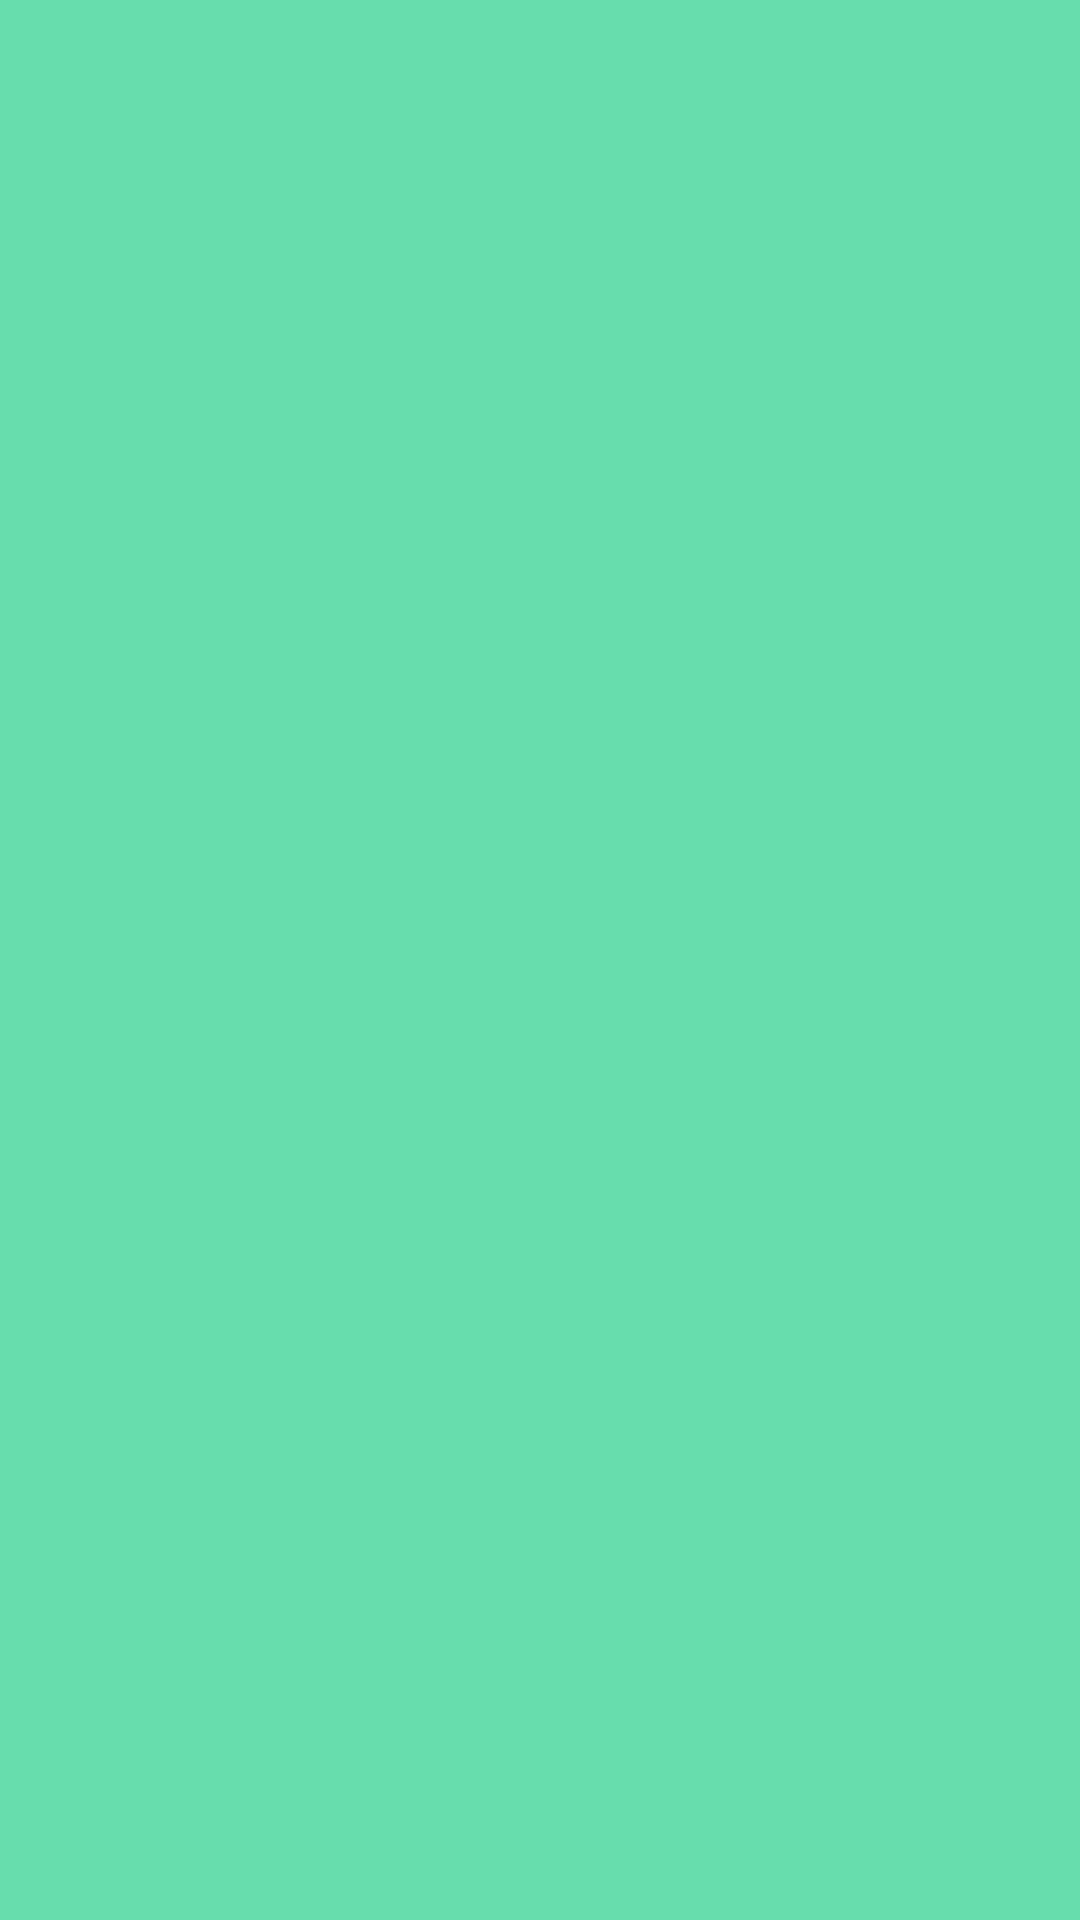 1080x1920 Medium Aquamarine Solid Color Background